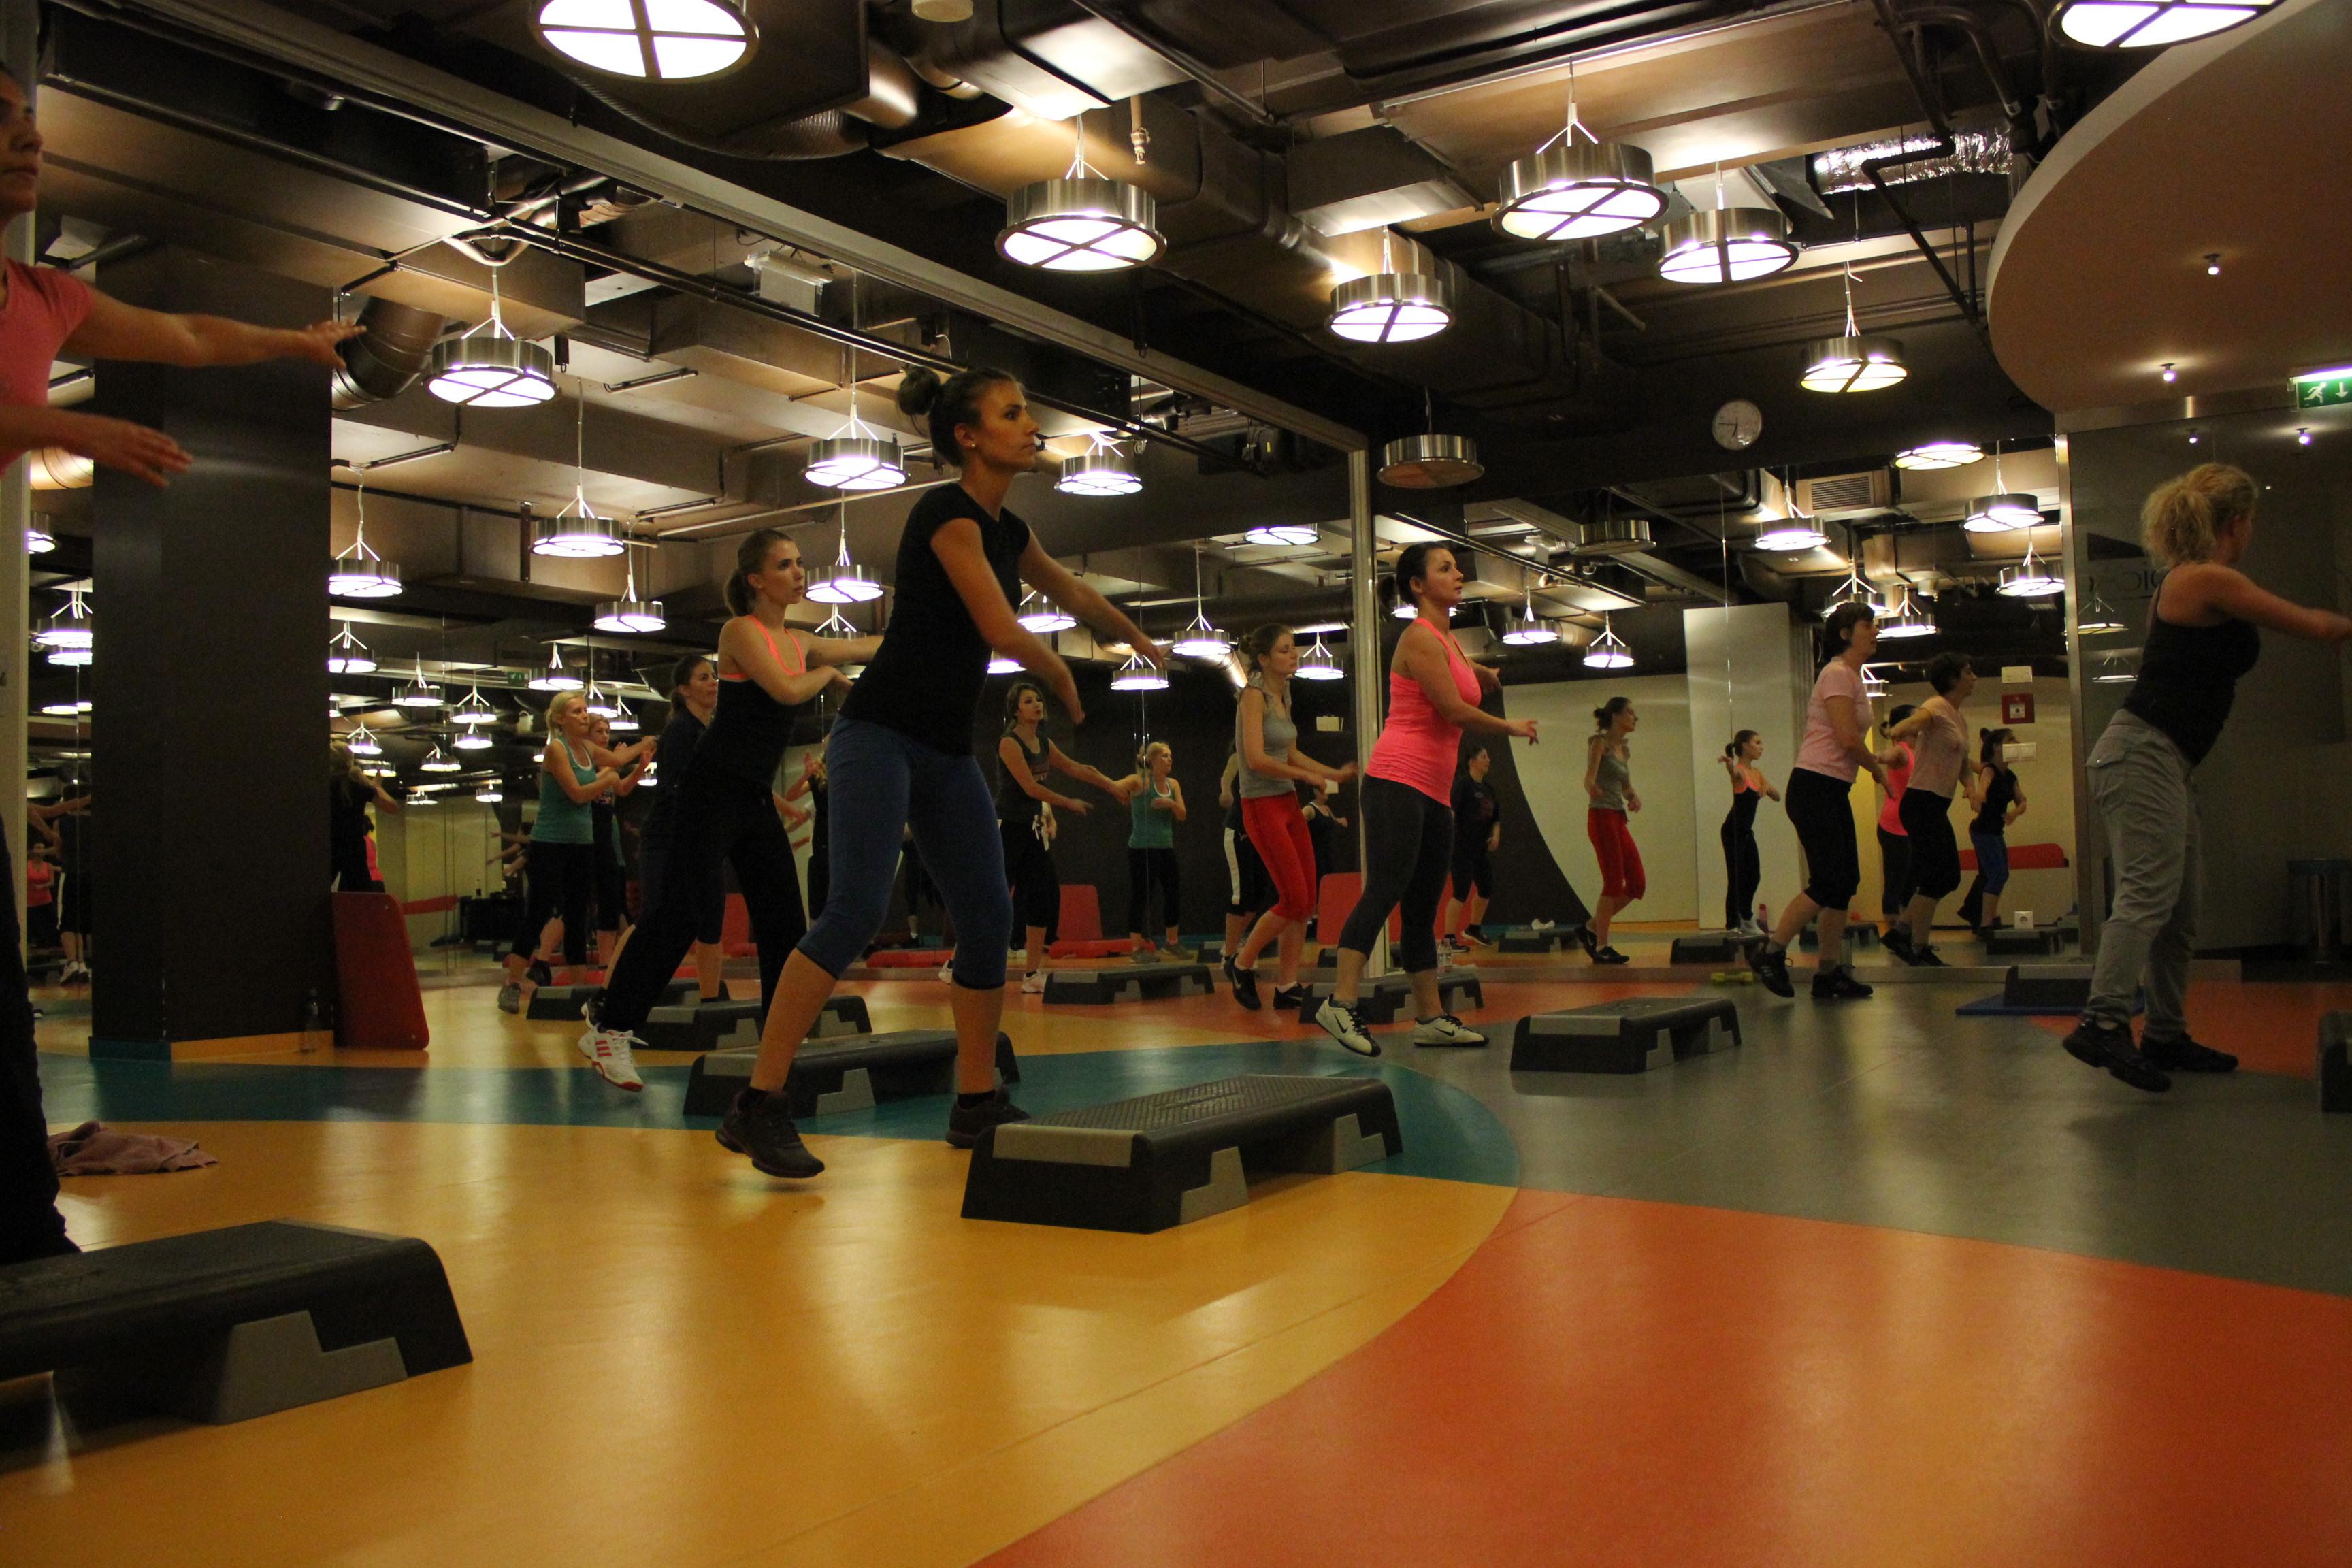 Bank Center Fitness - képgaléria - BCF